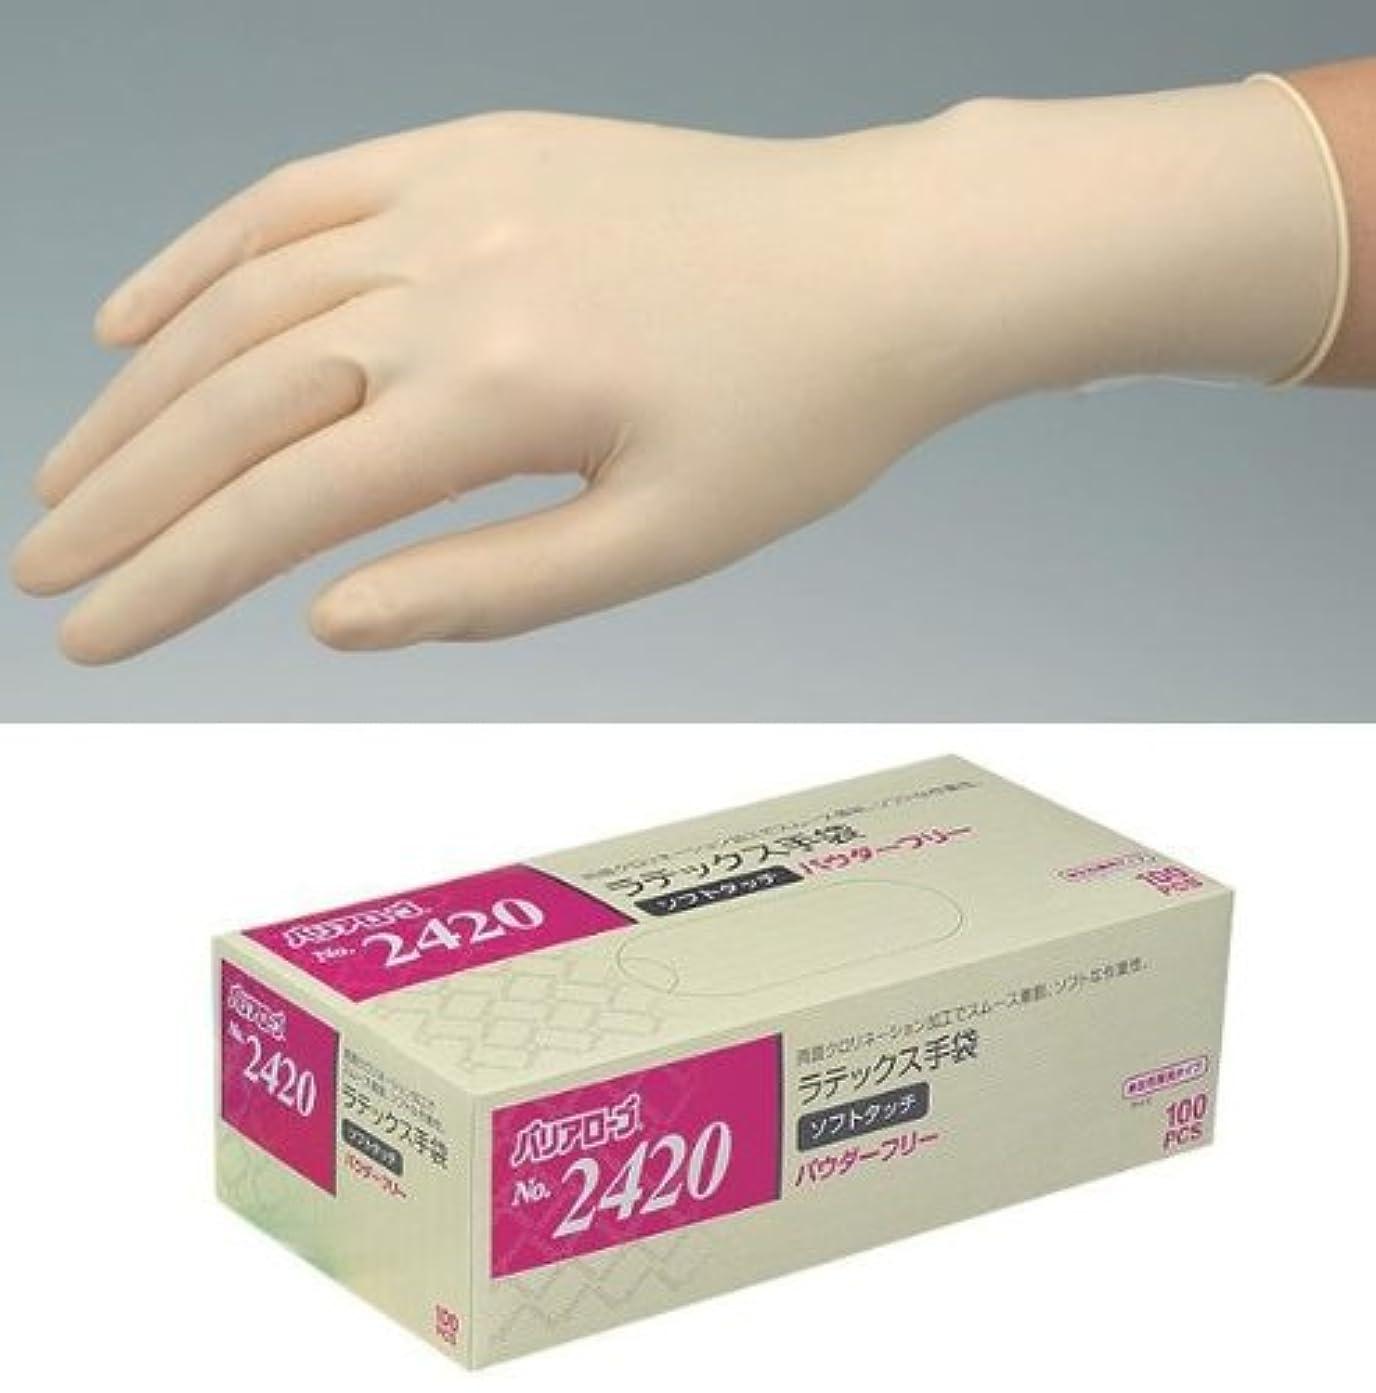 オリエント不可能なわがままバリアローブ ラテックス手袋 ソフトタッチPF(左右兼用) 100枚×20箱 NO.2420   M